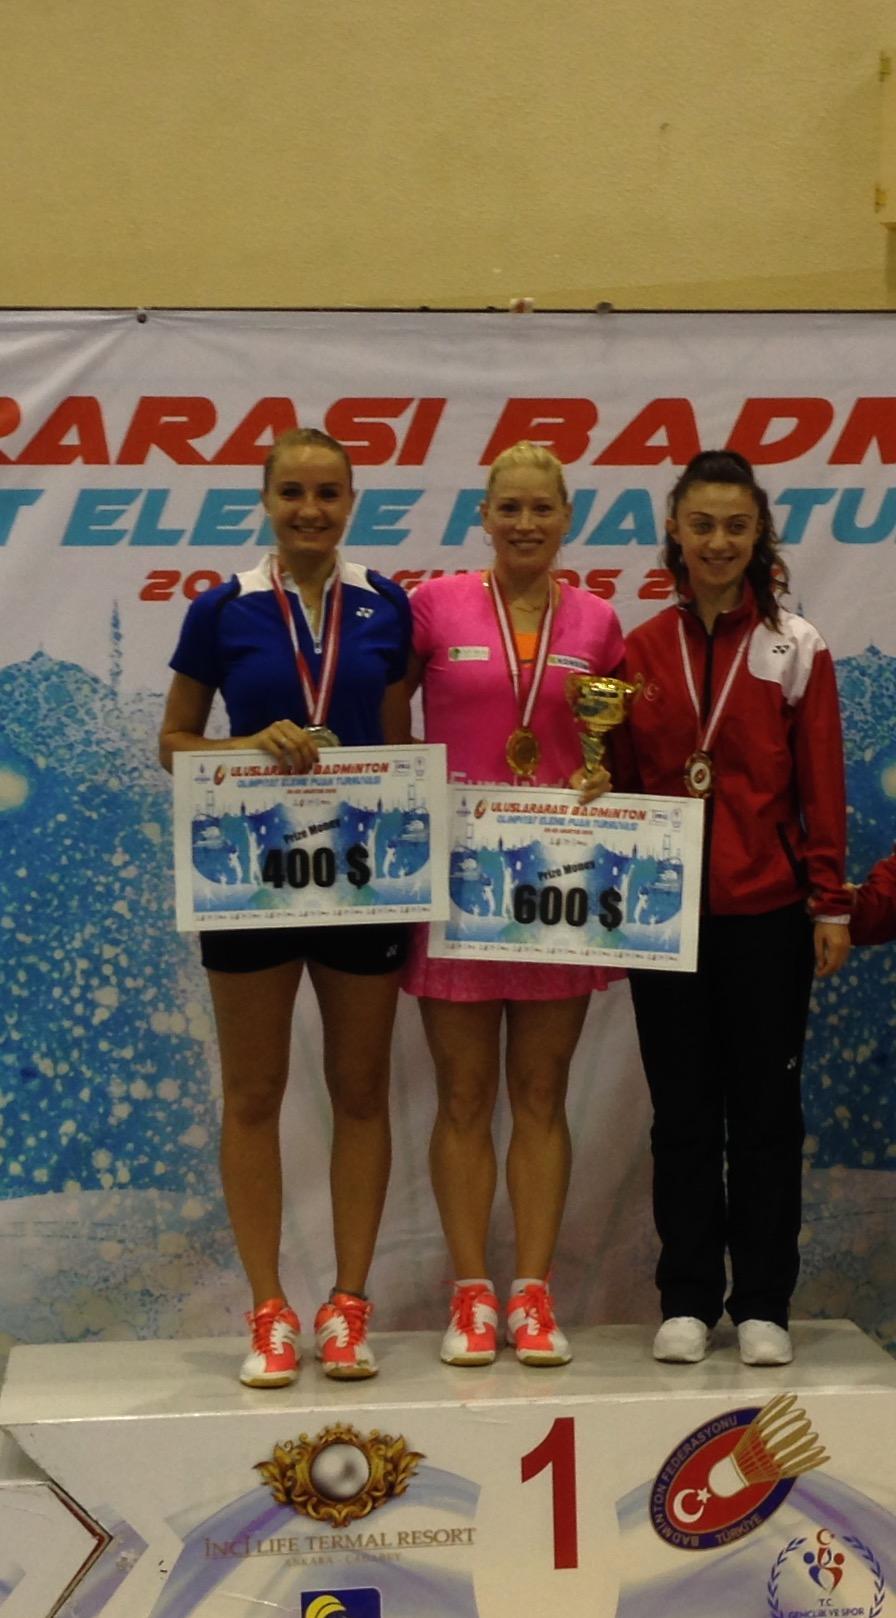 PALJU ÕNNE! Kati Tolmoff võitis Euroopa Karikaetapi